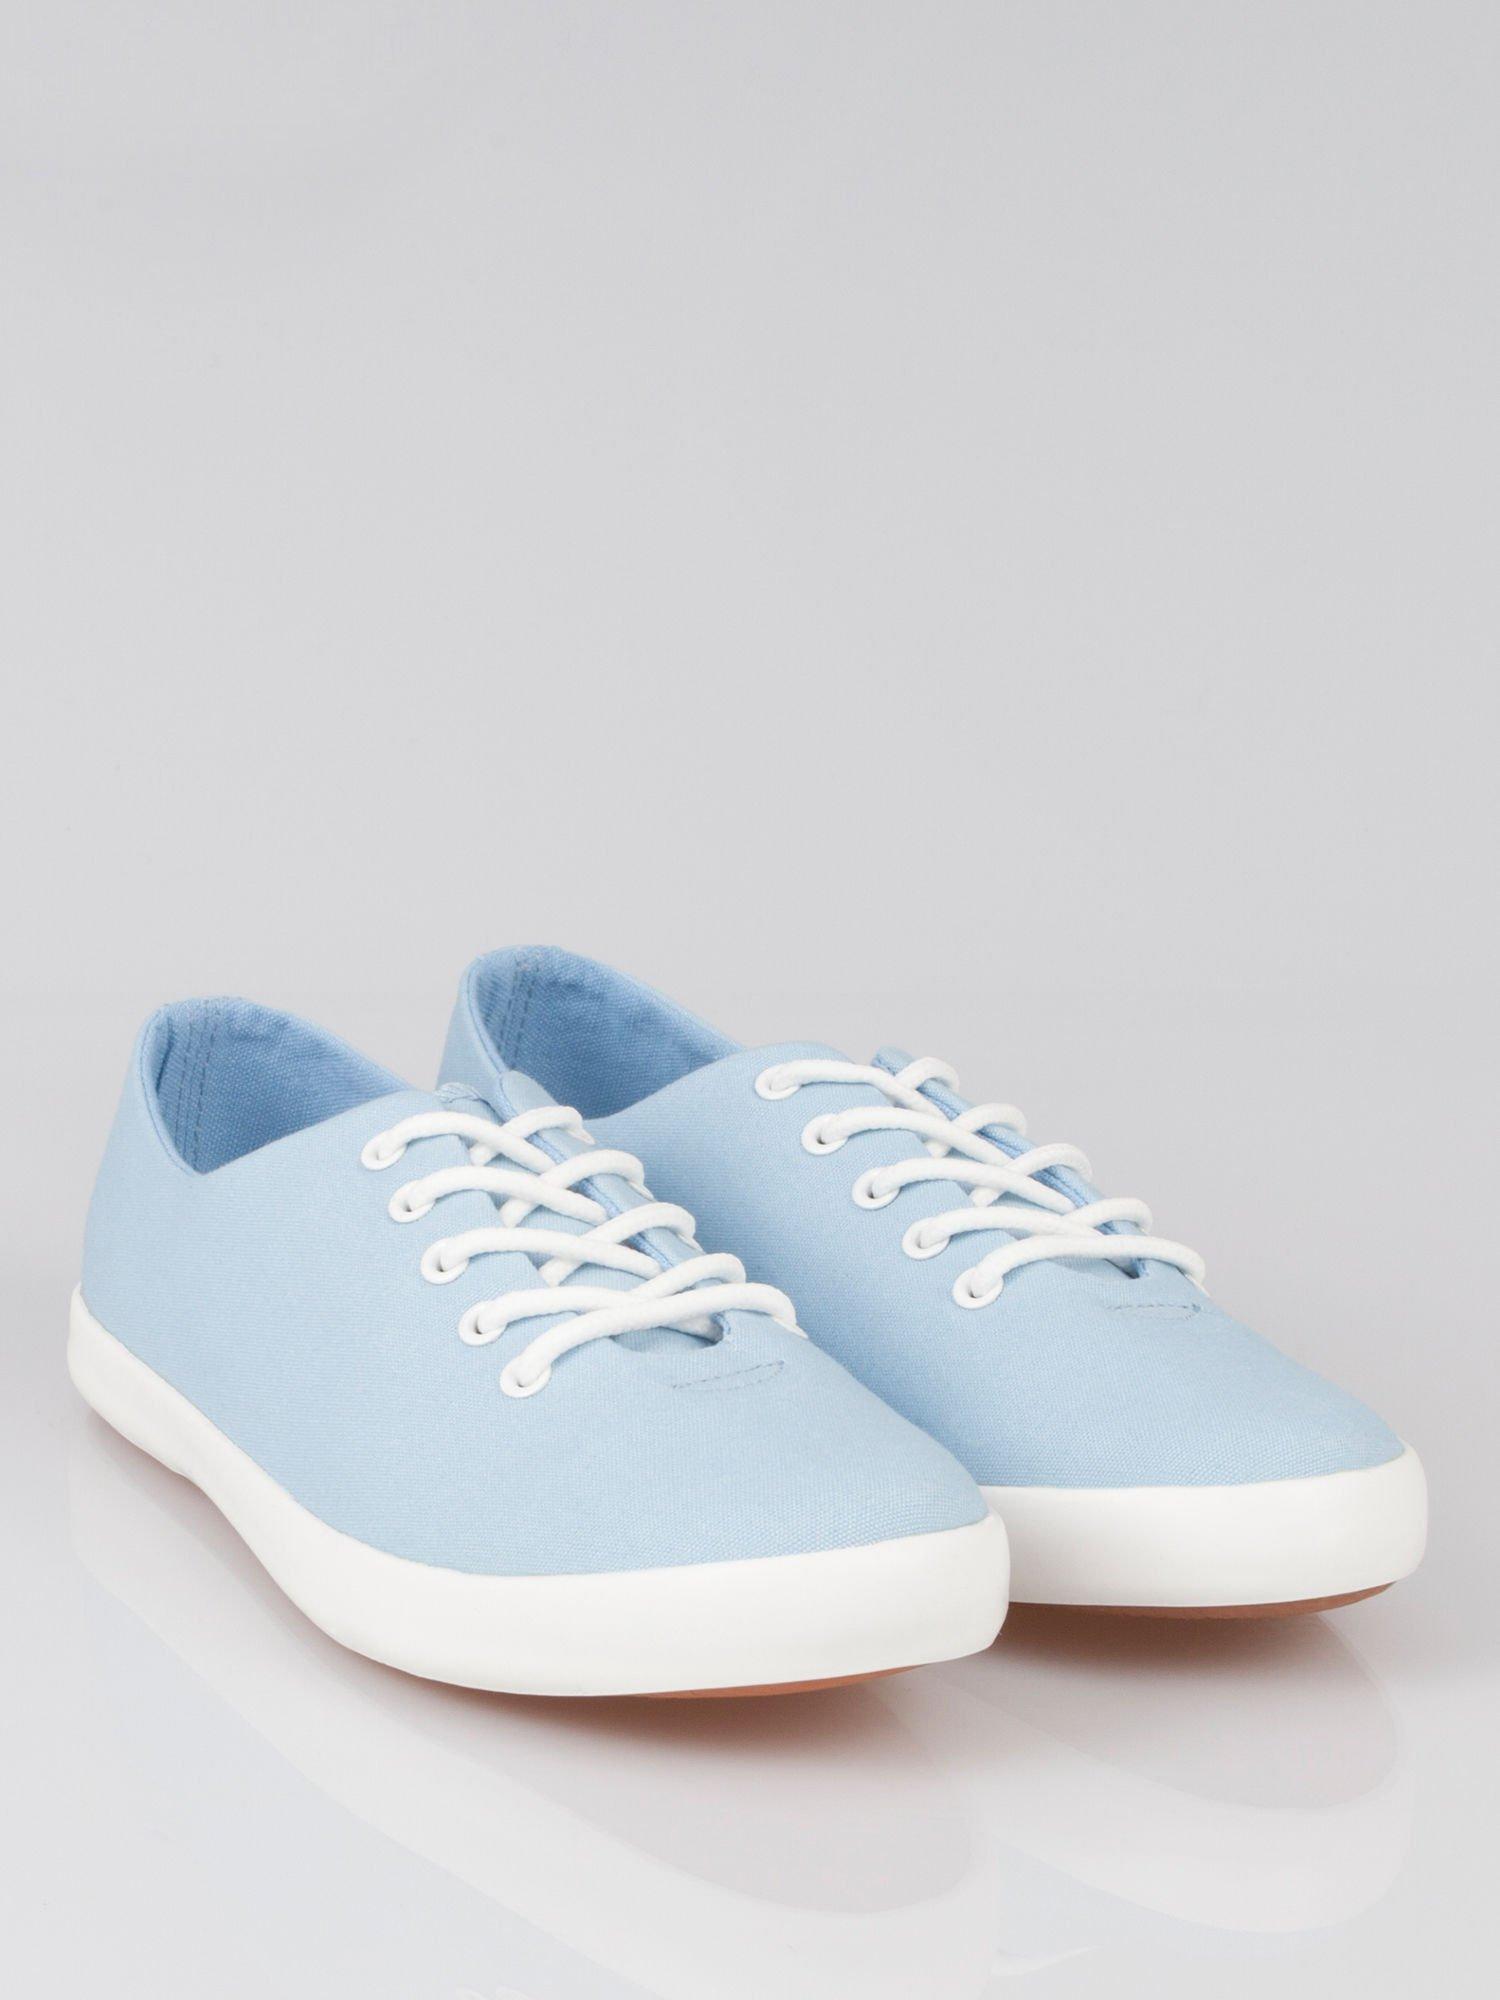 Niebieskie klasyczne tenisówki Blue Sky                                  zdj.                                  1